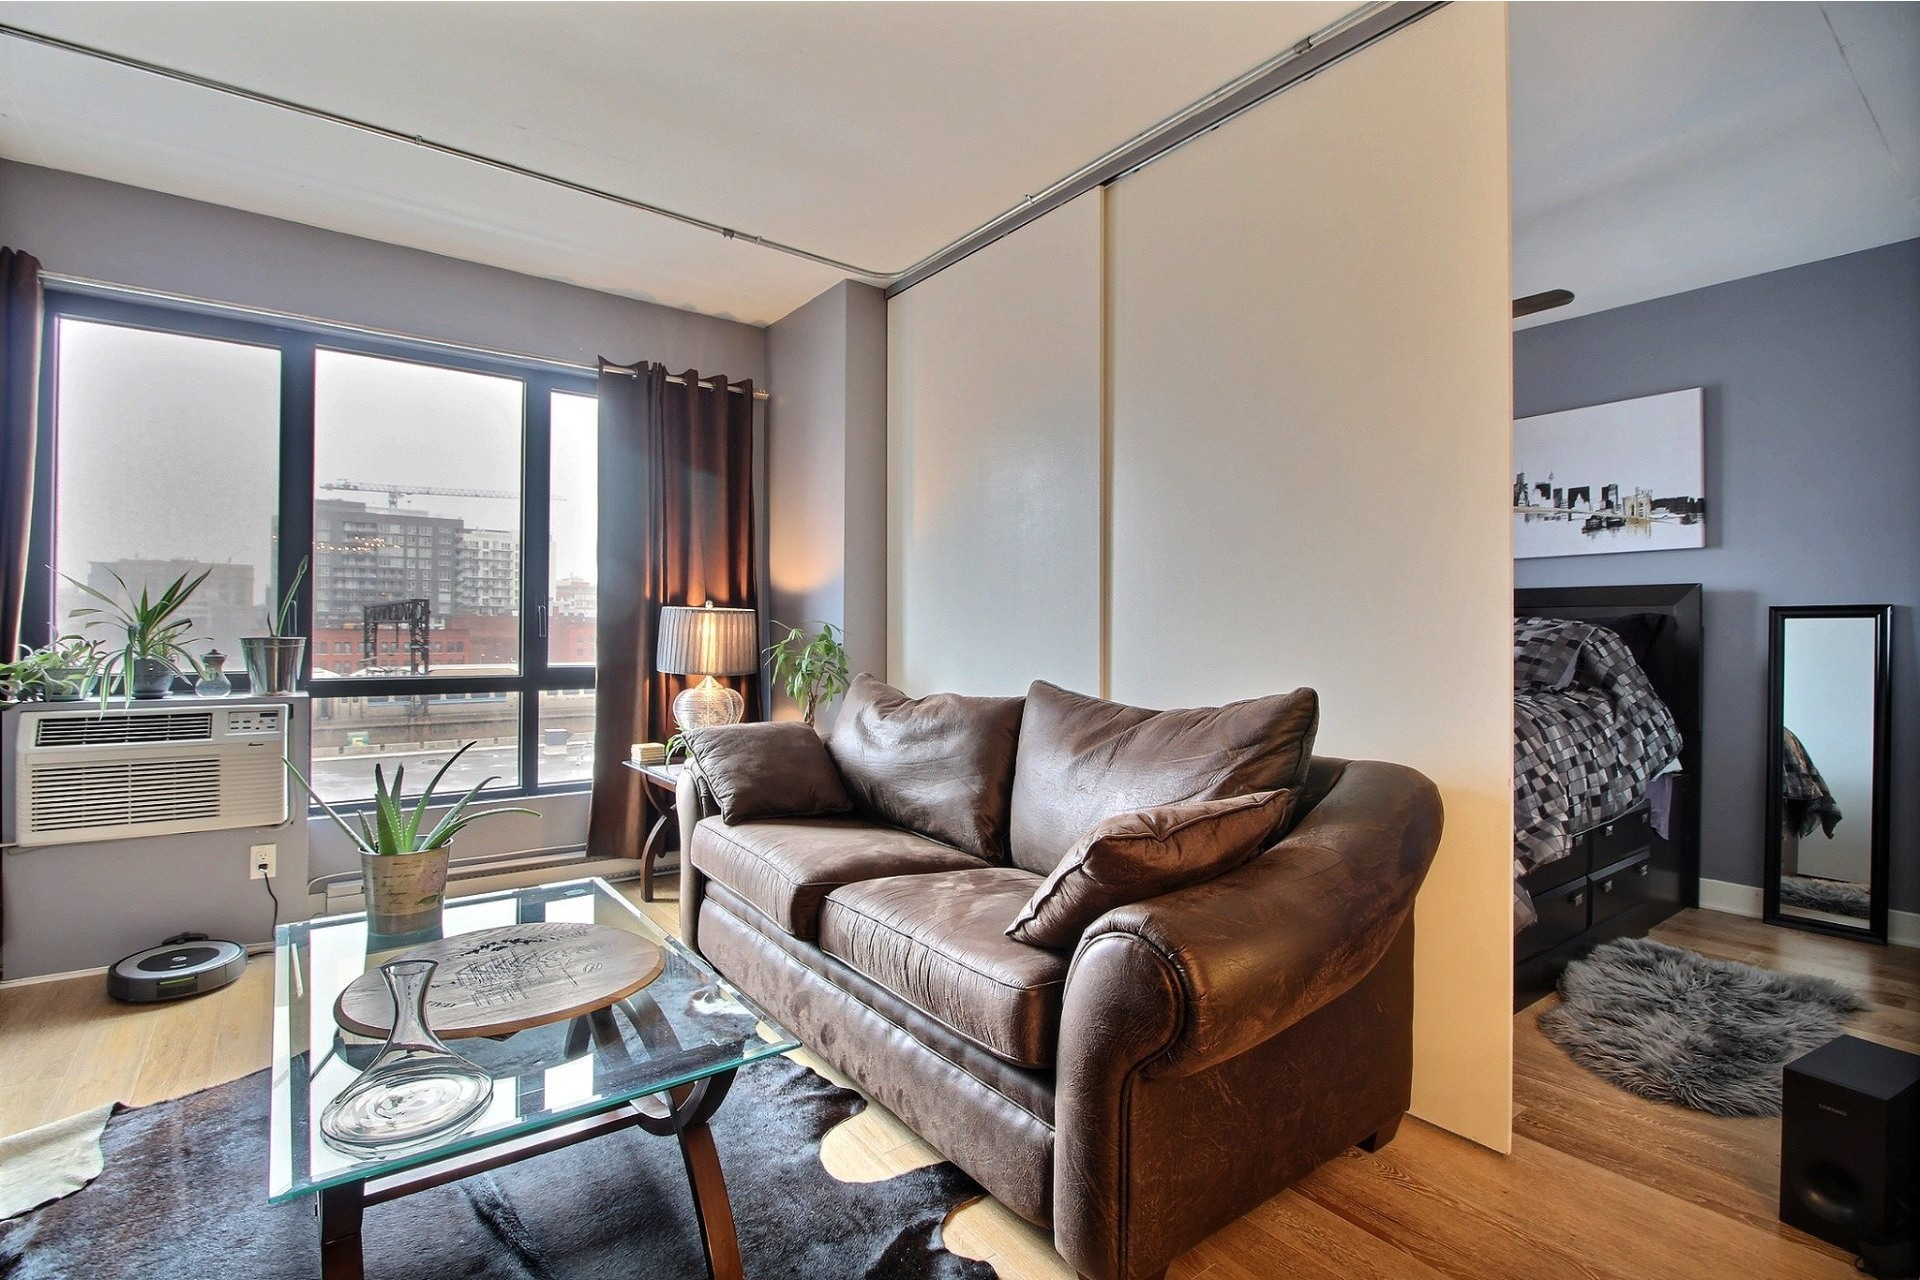 image 9 - Appartement À vendre Le Sud-Ouest Montréal  - 4 pièces